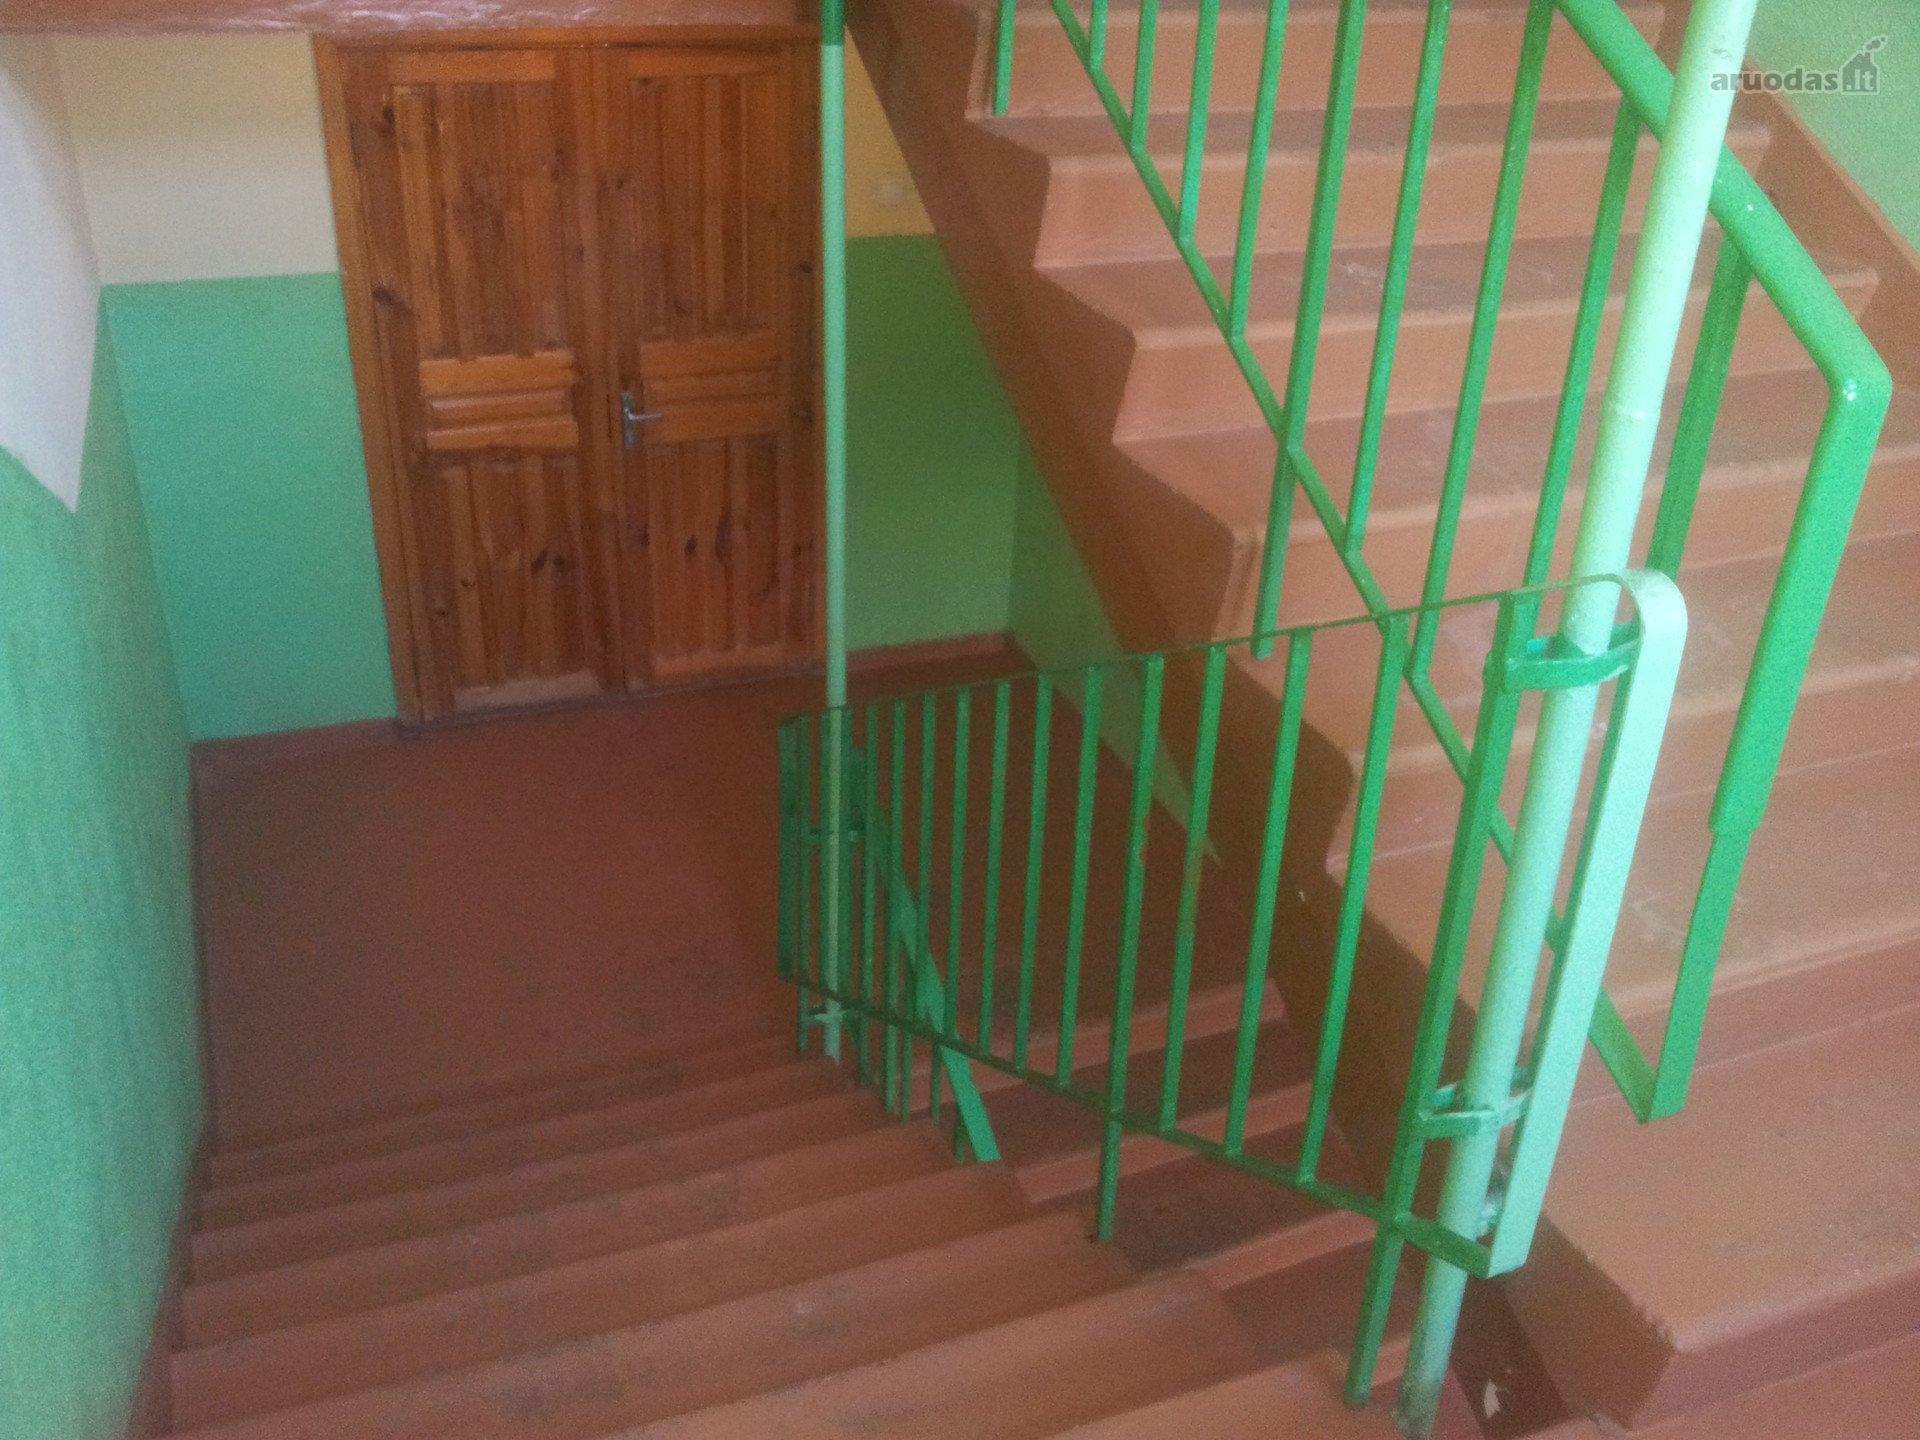 Flat In Klaipeda Kaunas Ilutės Pl 1 Room Flat Real